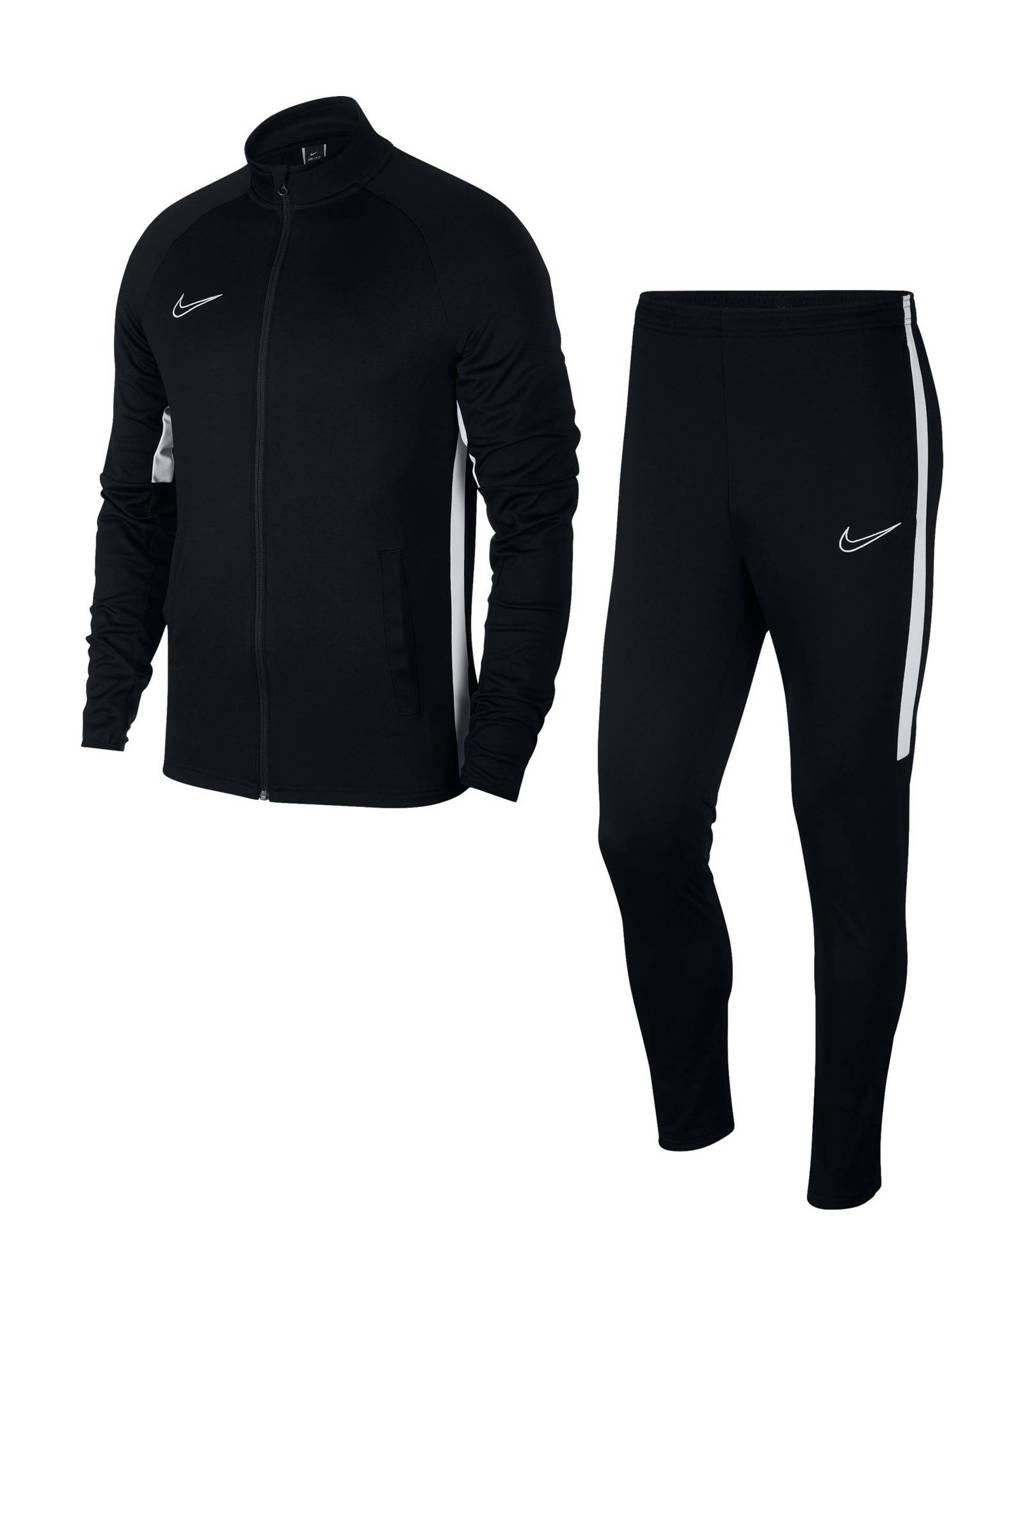 Nike   trainingspak zwart/wit, Zwart/wit